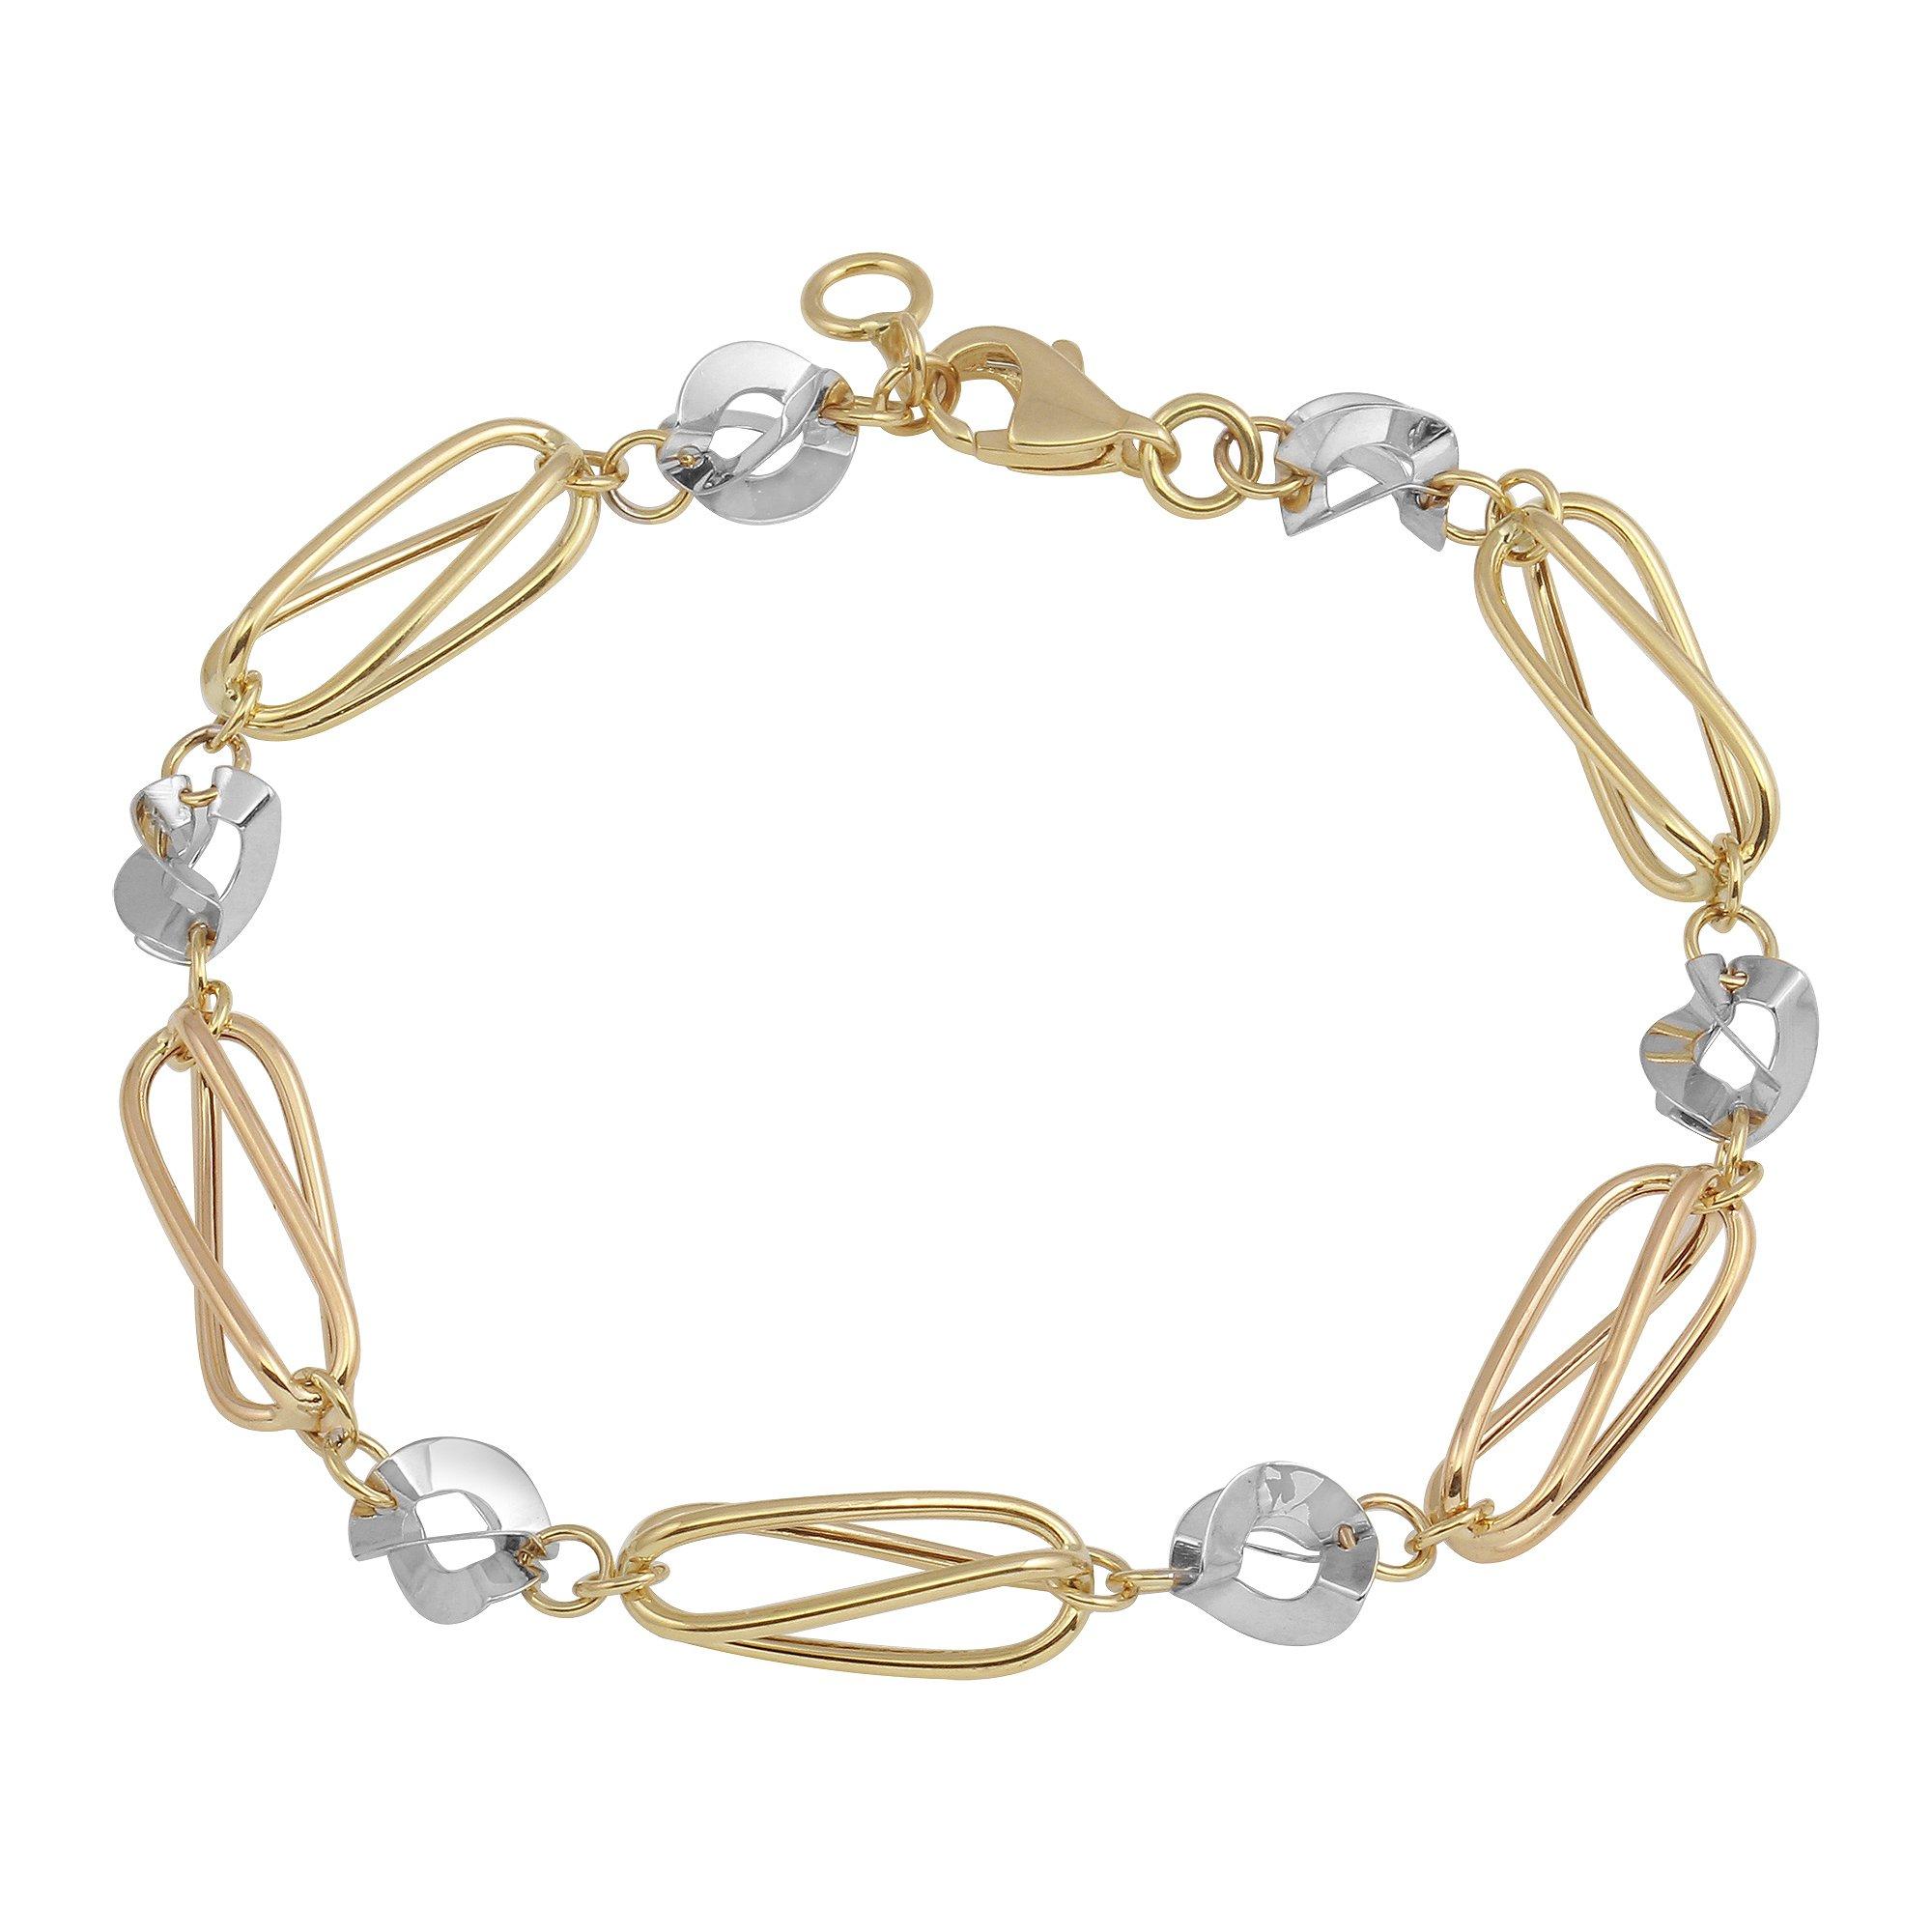 Polished 14k Tri-Color Gold Modern Stampato Spiral Love Bracelet